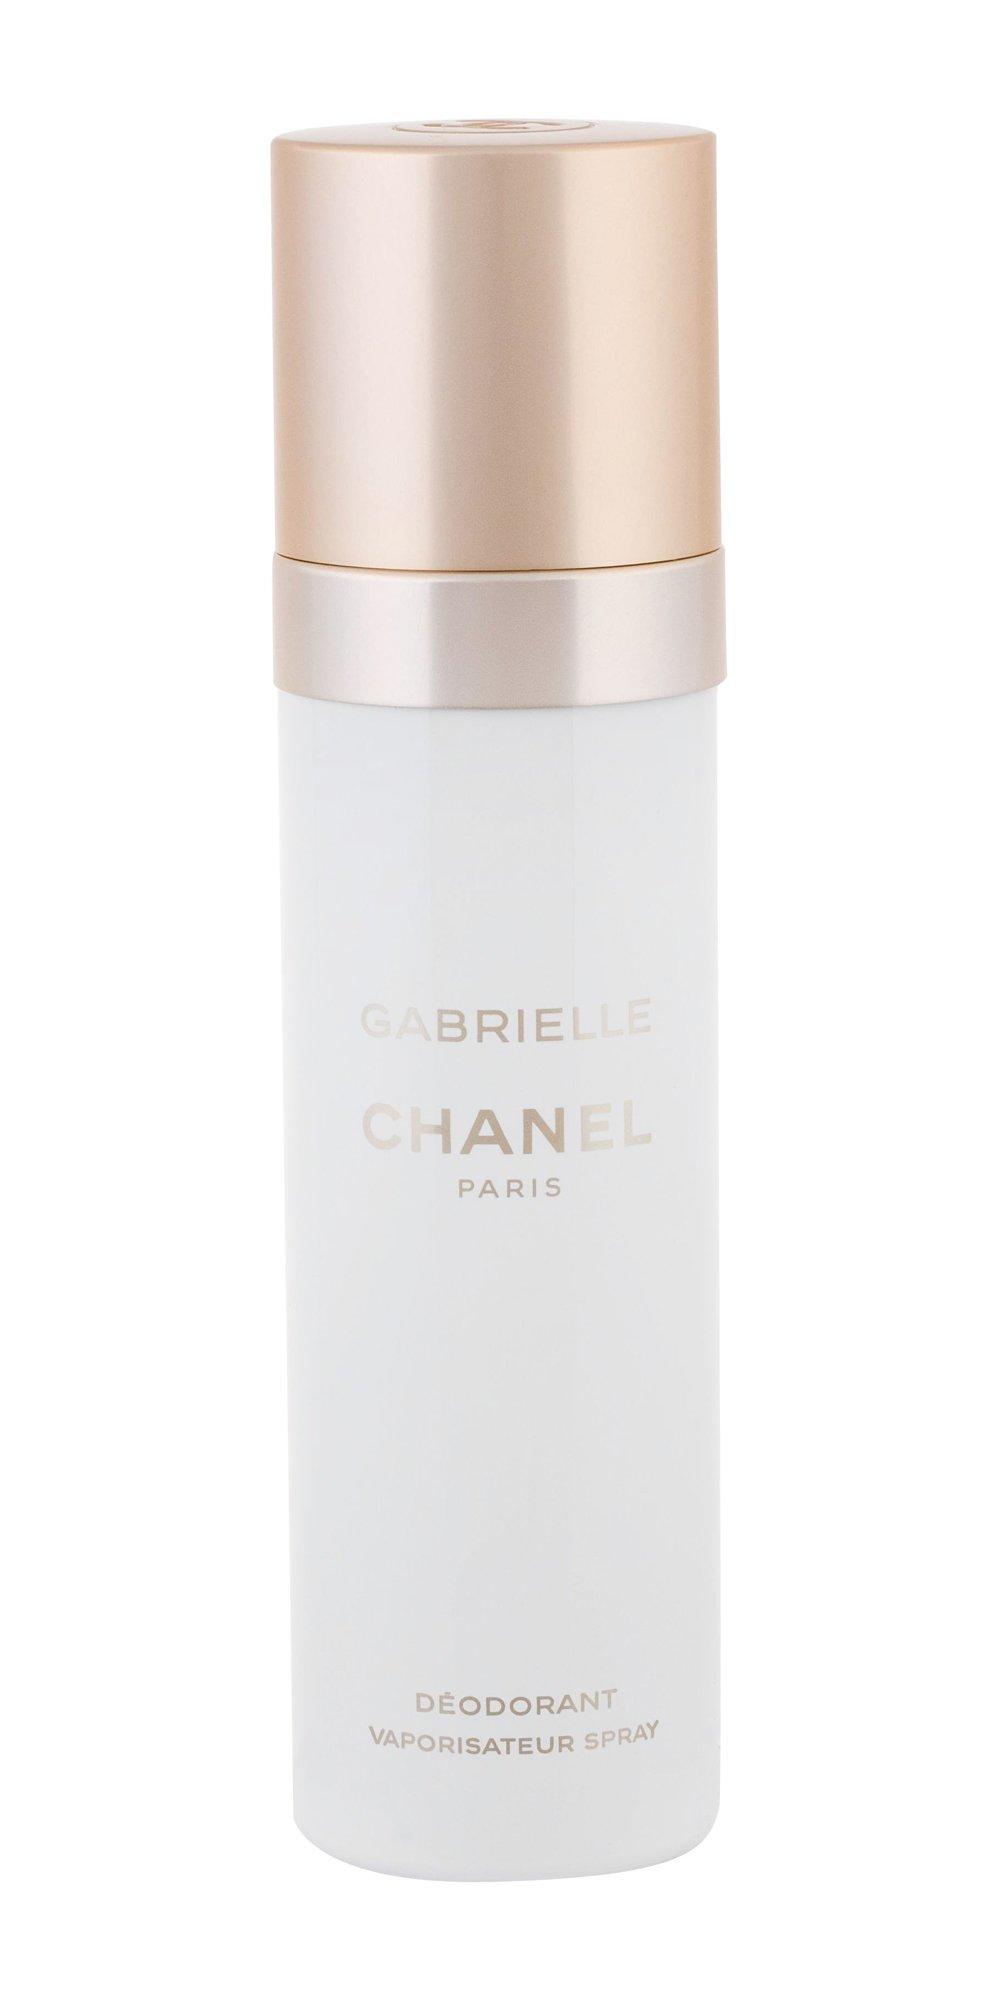 Chanel Gabrielle, Deodorant 100ml